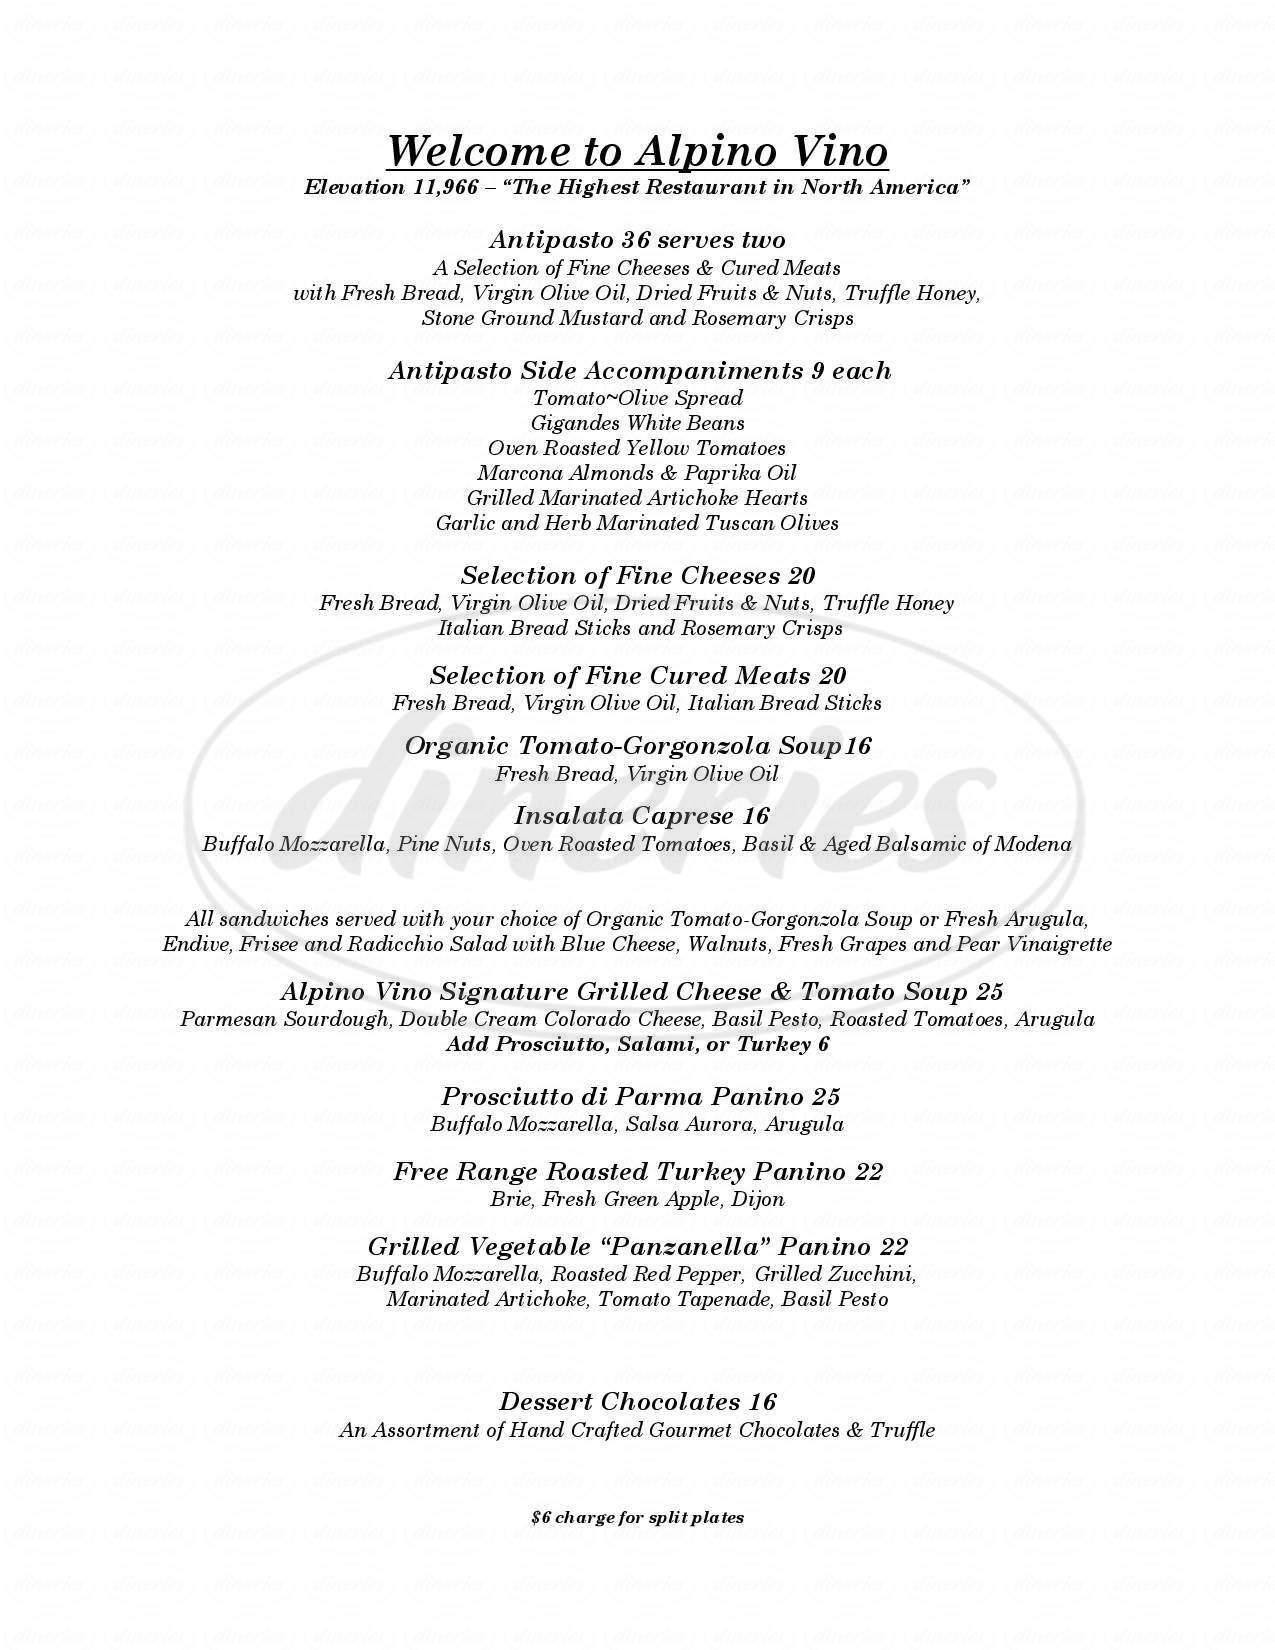 menu for Alpino Vino